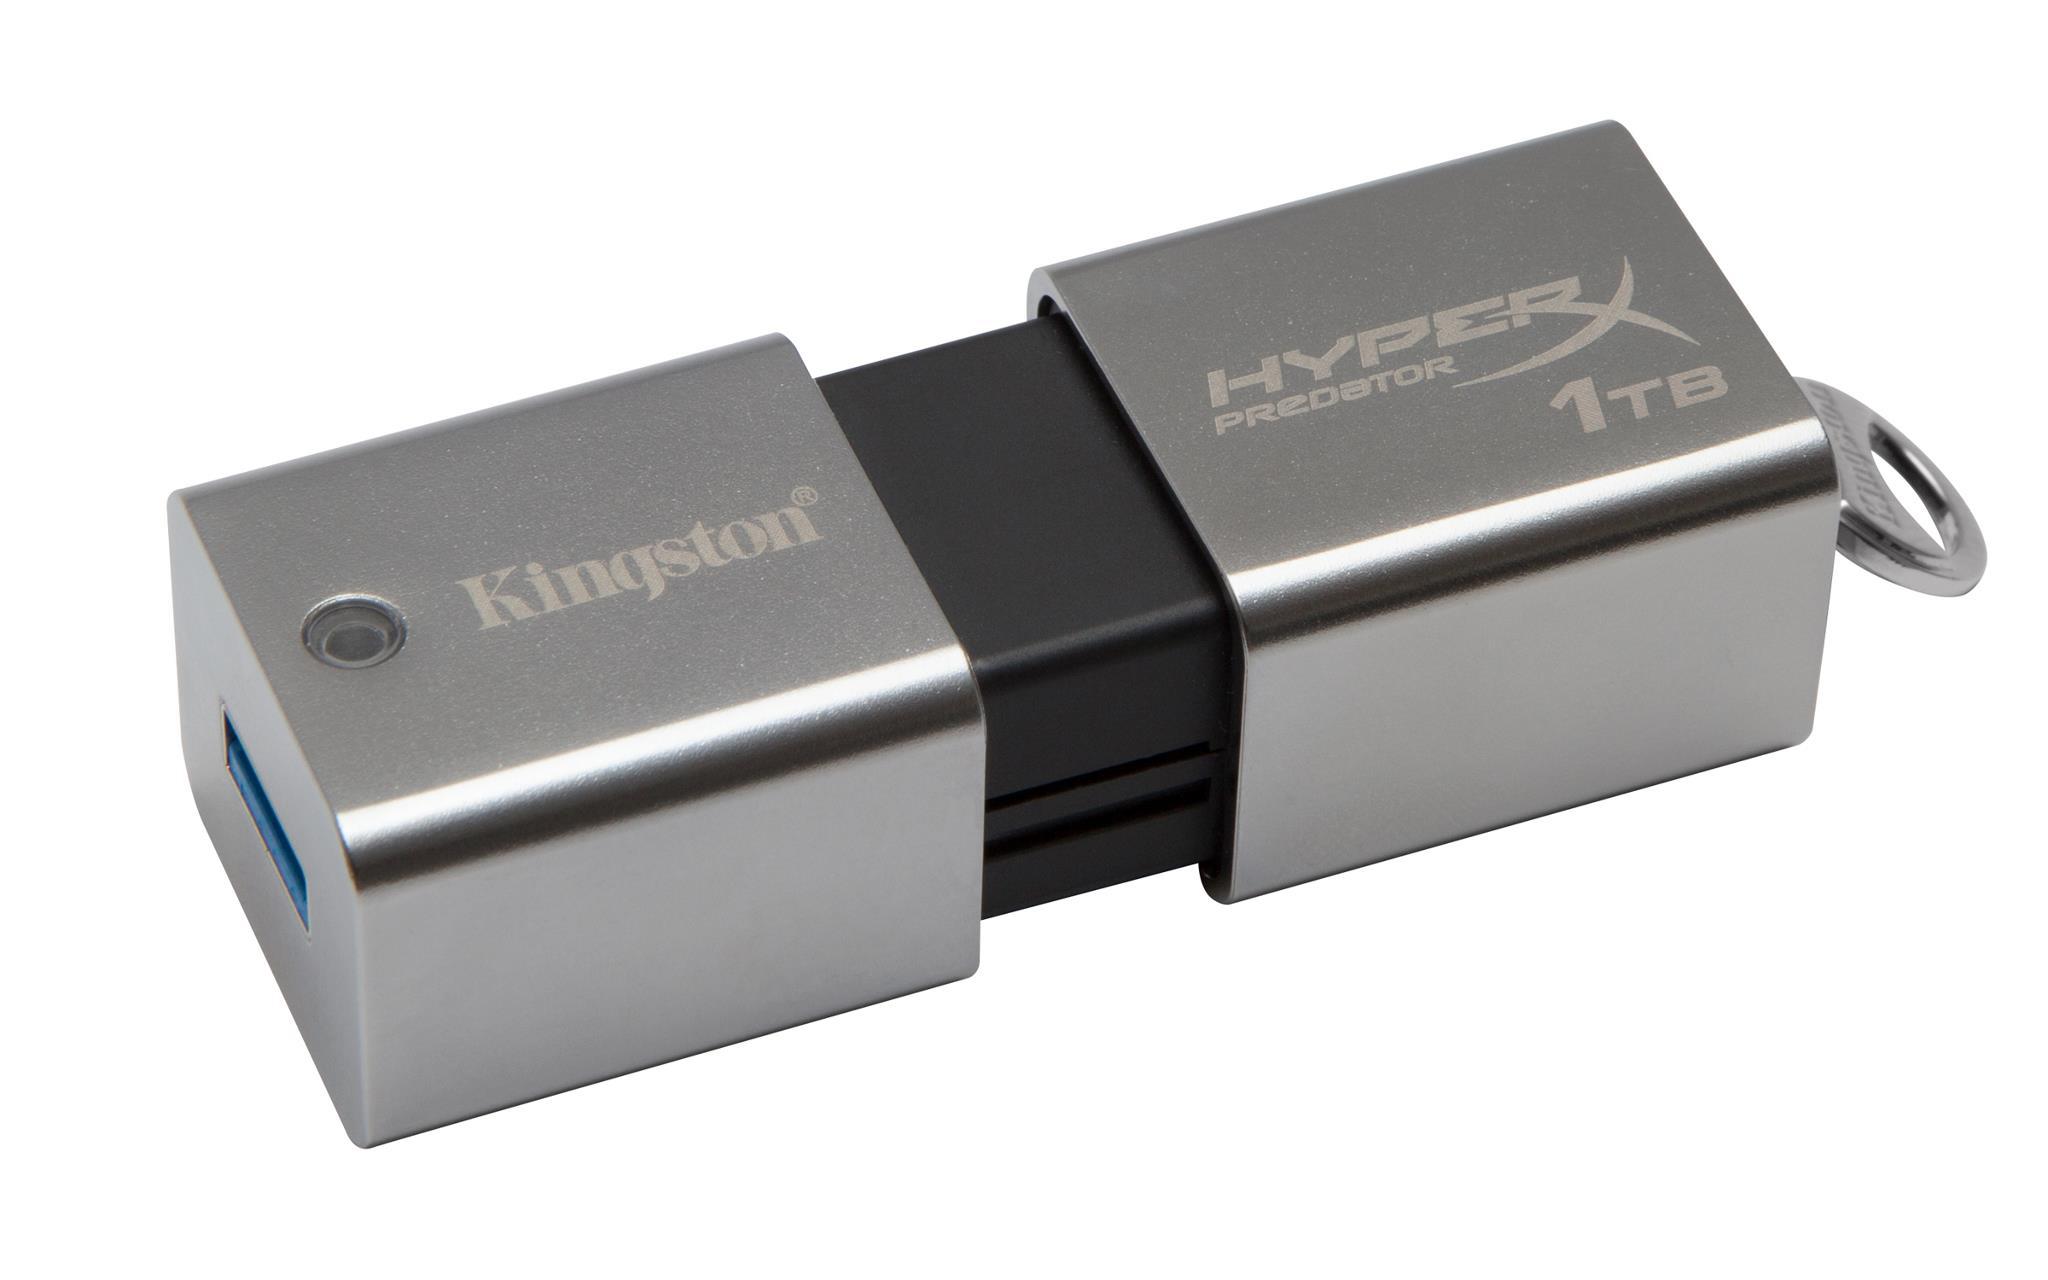 CES 2013: Kingston bringt USB-Stick mit 1 Terabyte & SSD-ähnlicher Geschwindigkeit